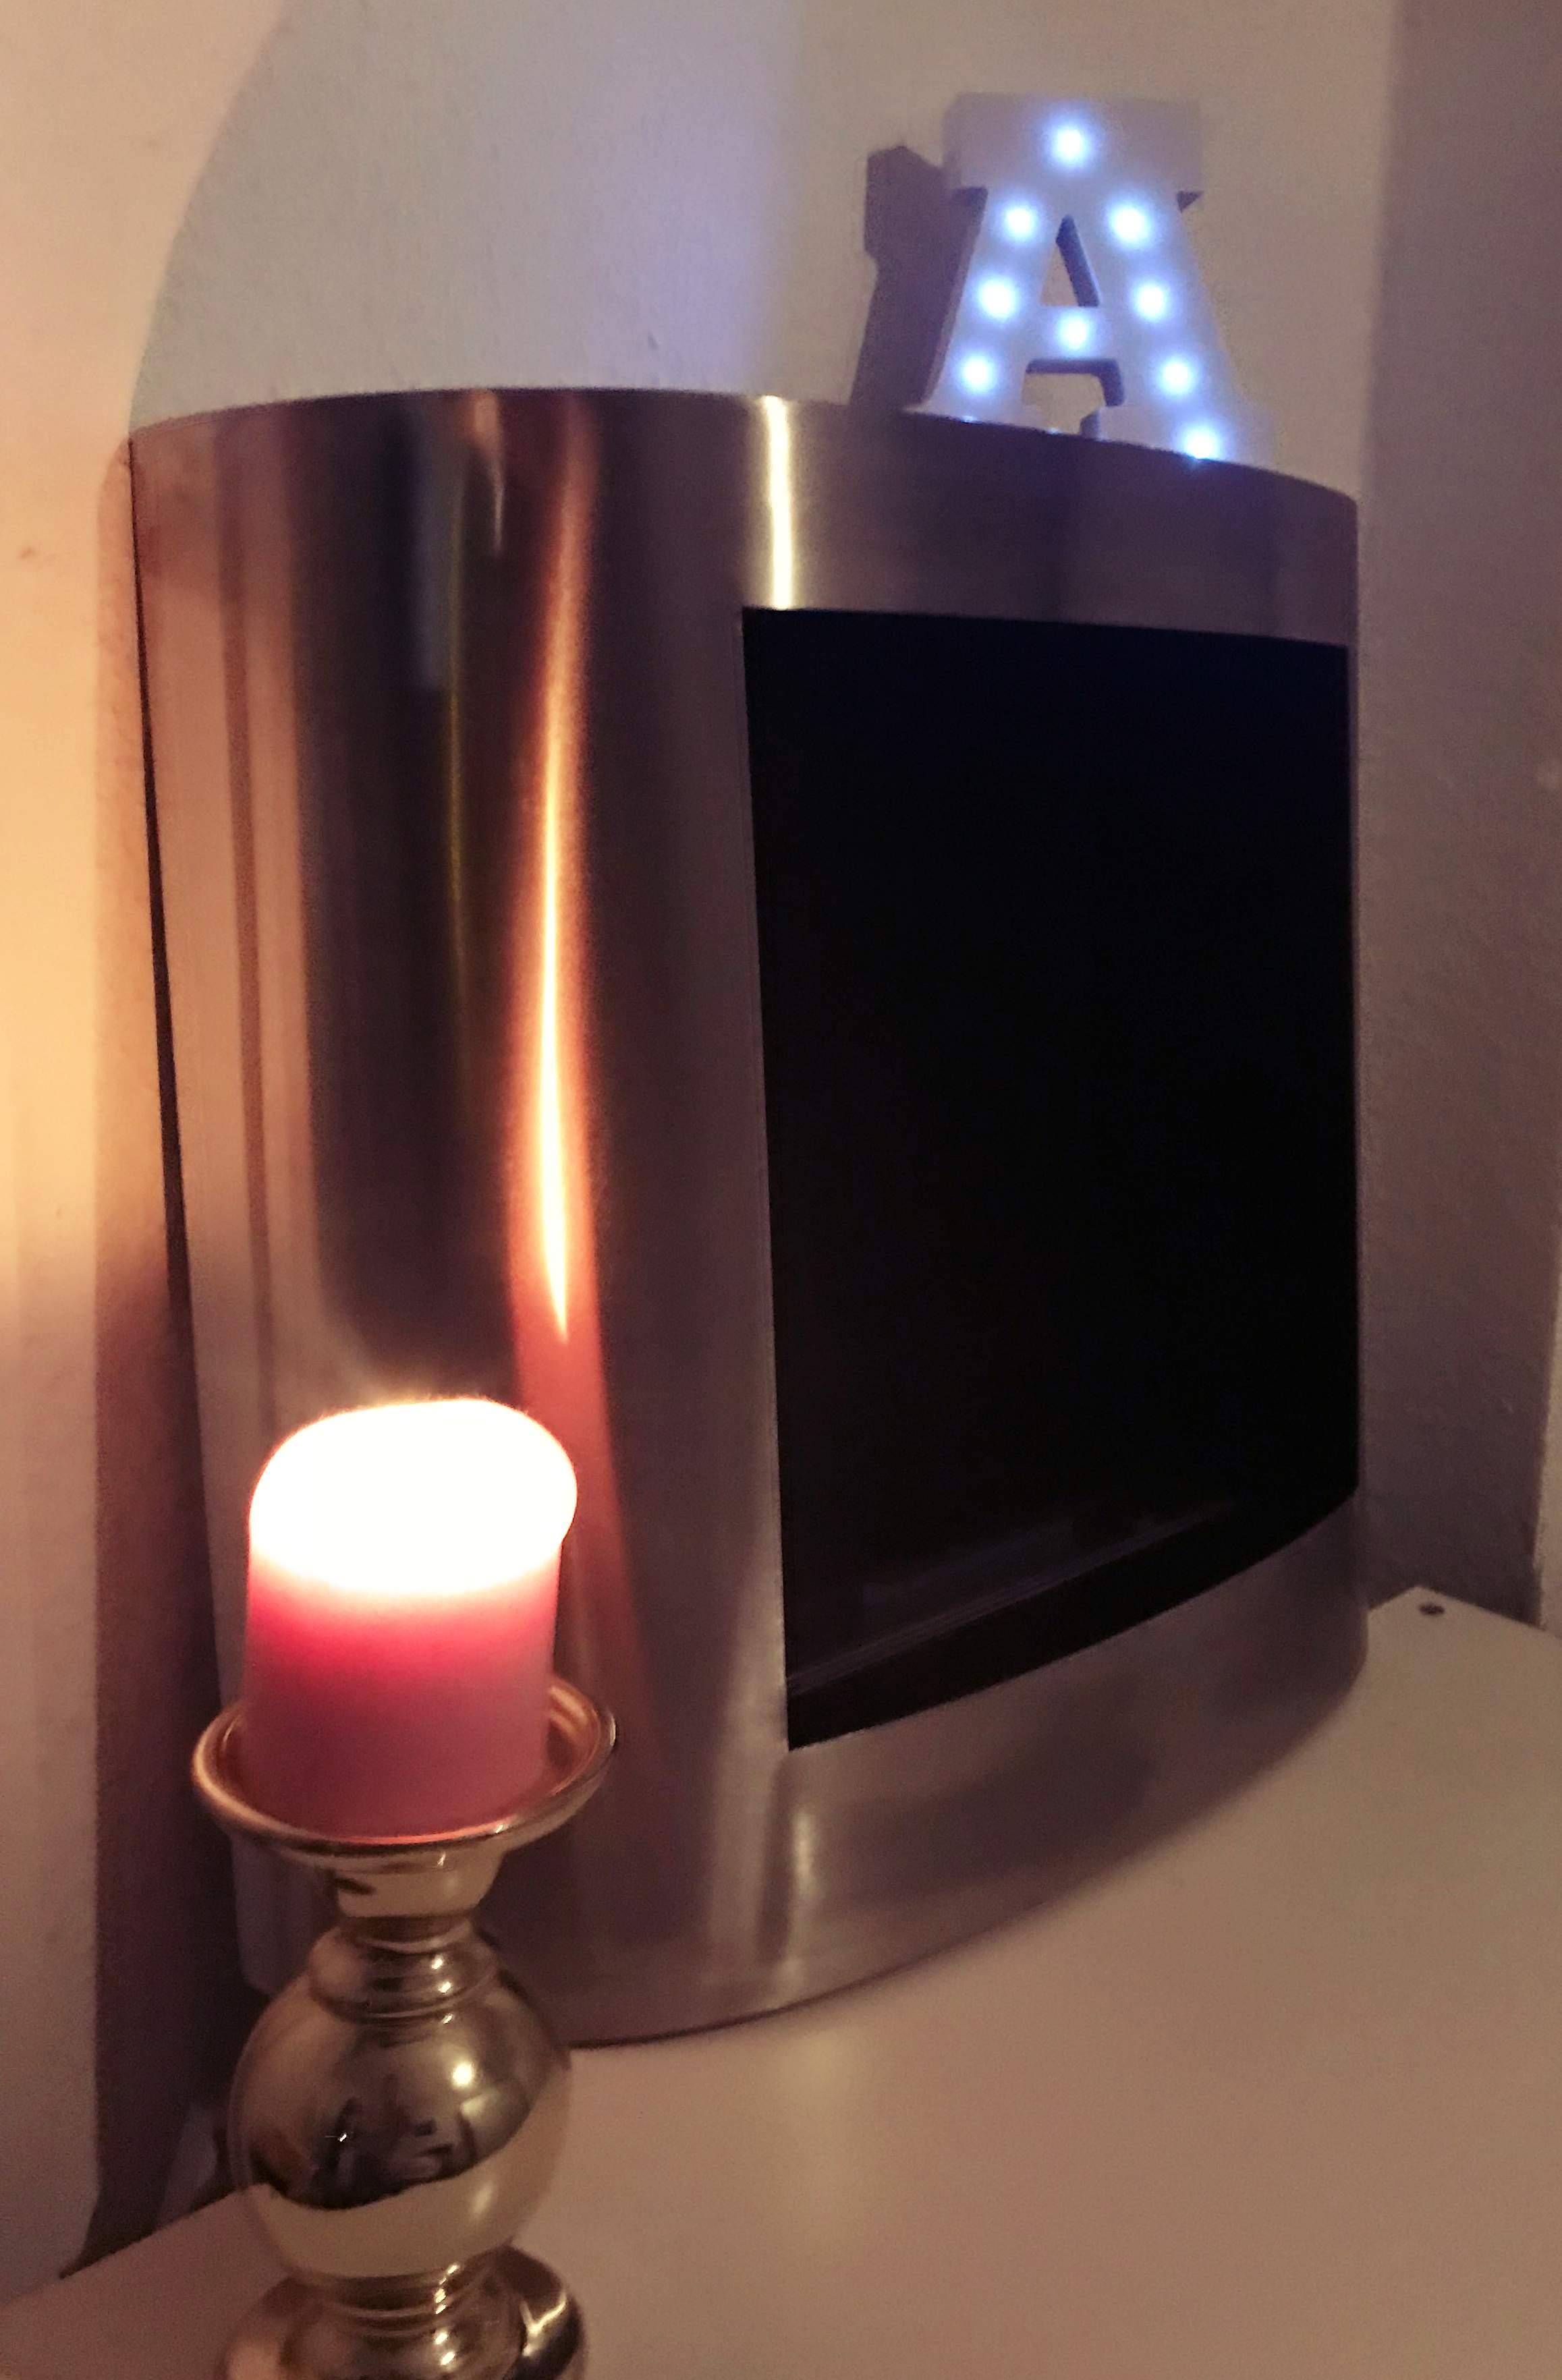 Der Raum Sollte Etwas Größer Sein, Da Durch Das Feuer Viel Sauerstoff  Verbraucht Wird. Der Raum Erwärmt Sich Durch Den Ofen Leicht.